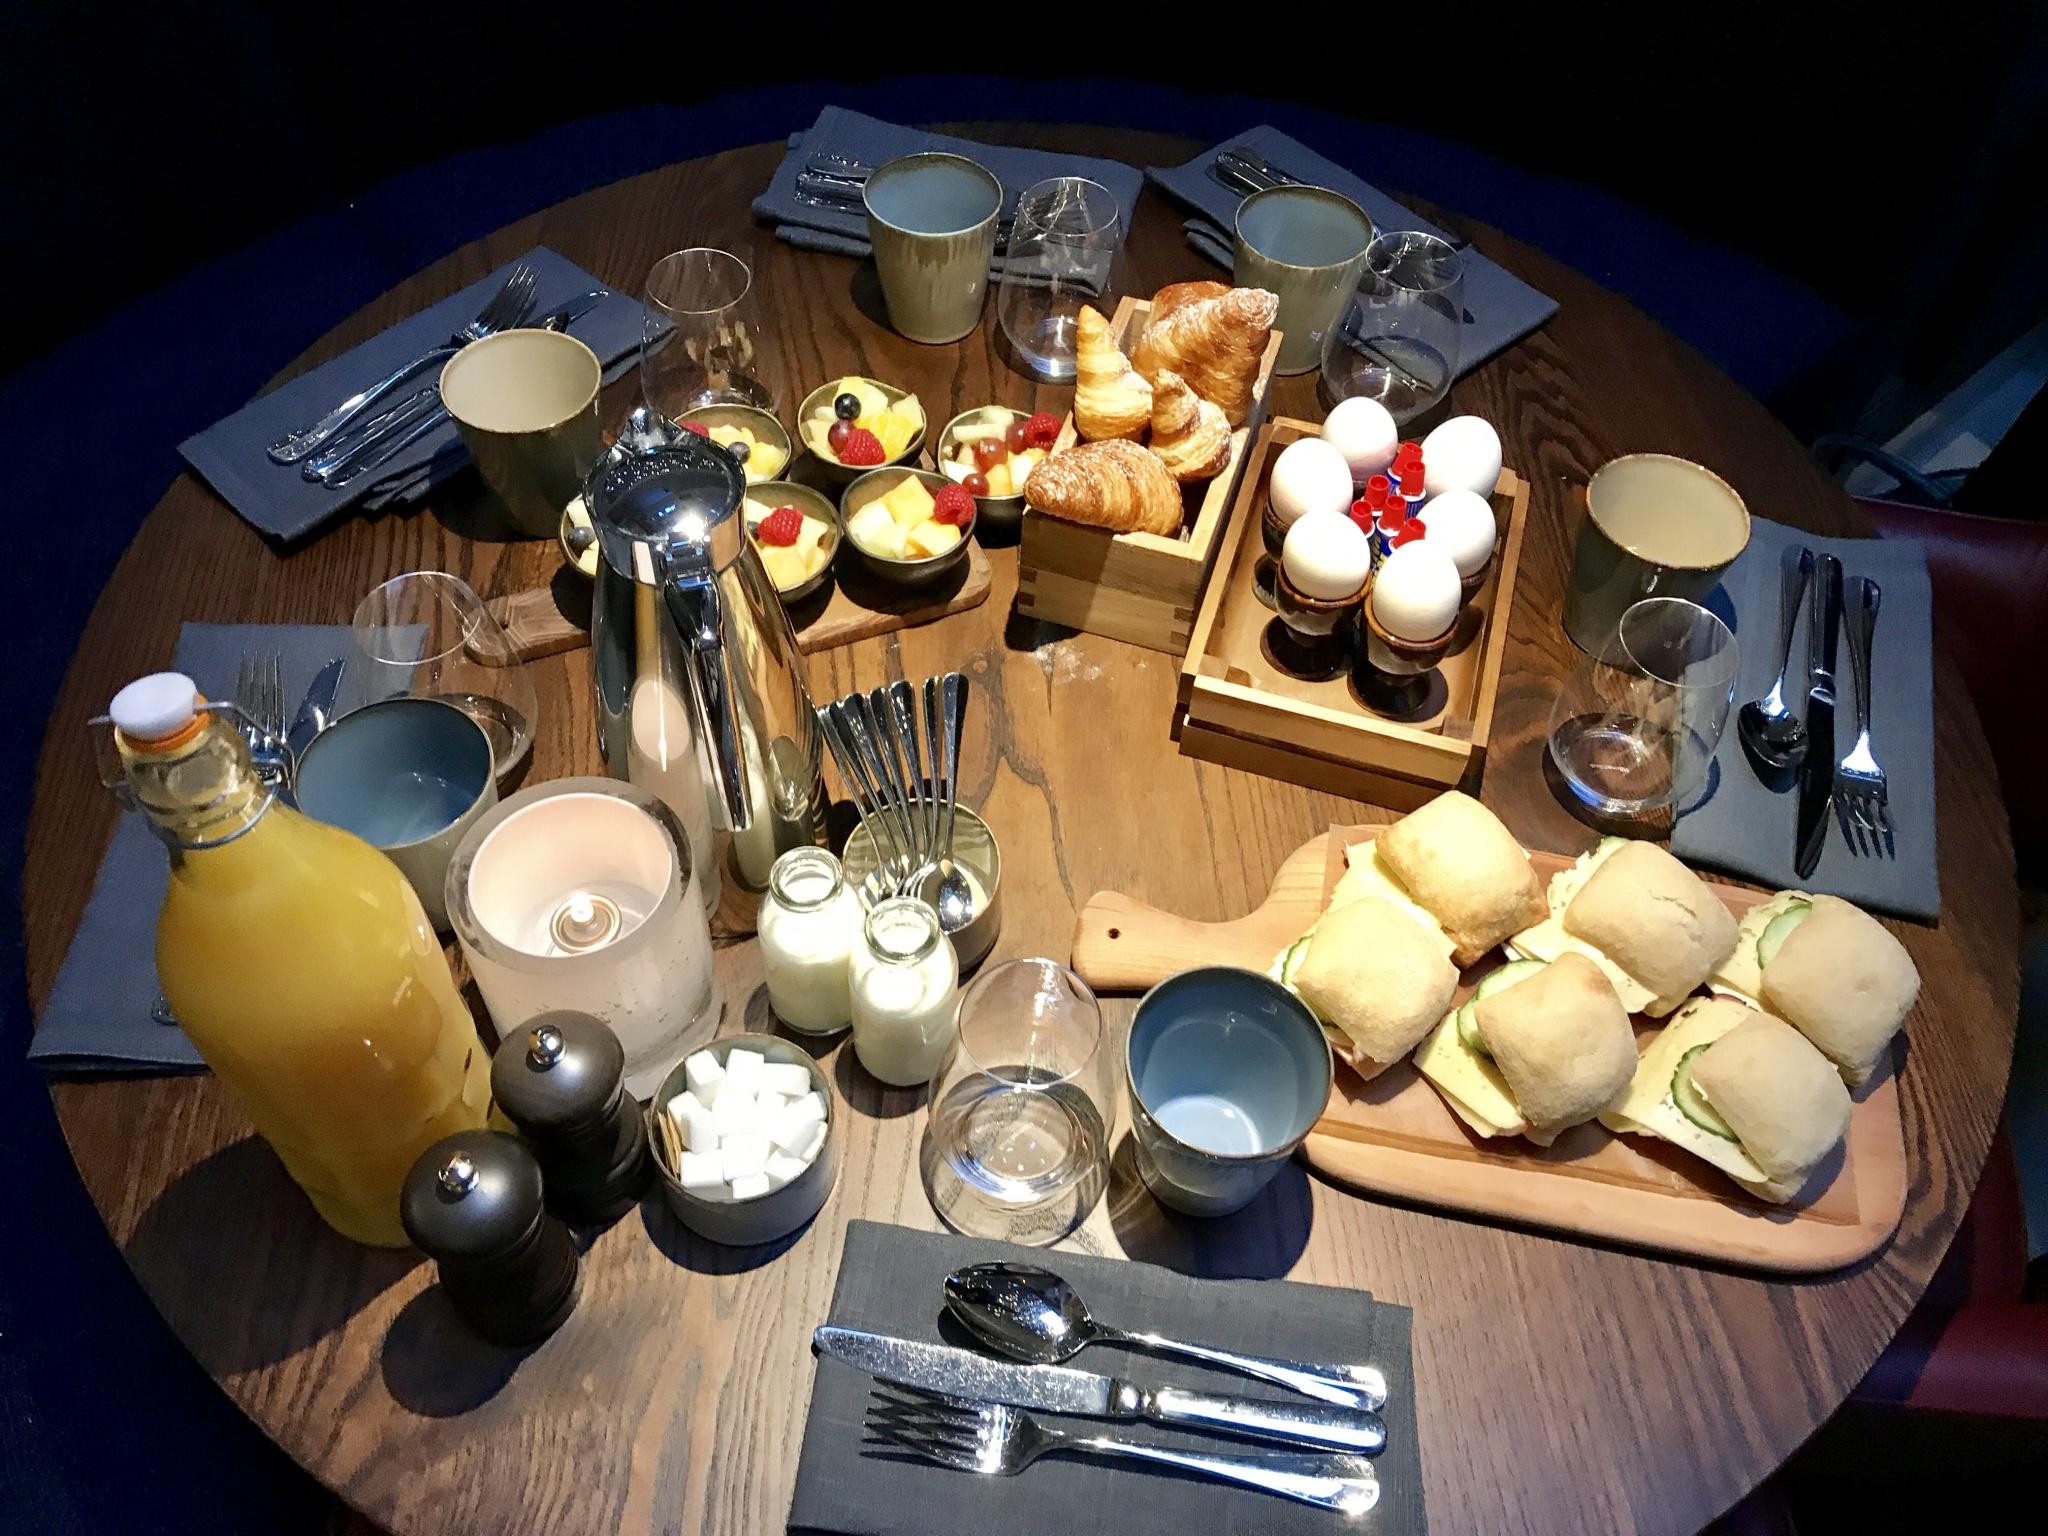 Frukostseminarium med Perfect Day och Afternoon Tea med Daily Forni